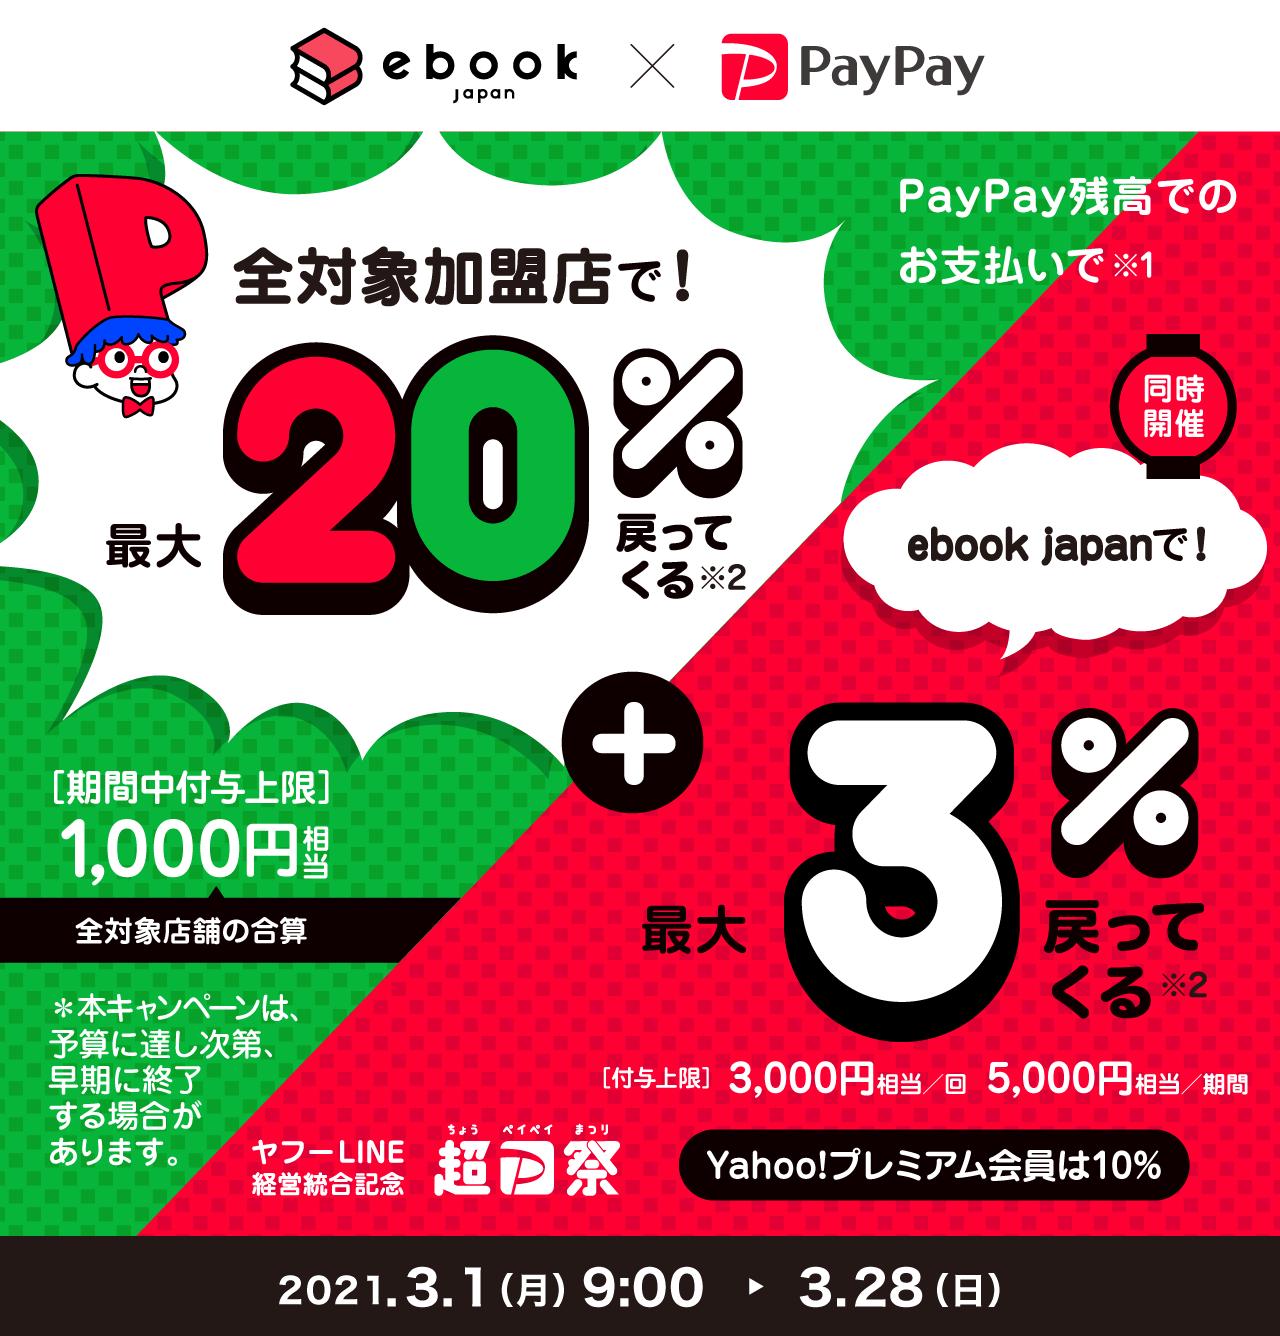 全対象加盟店で!最大20%戻ってくる + ebookjapanで!最大3%戻ってくる